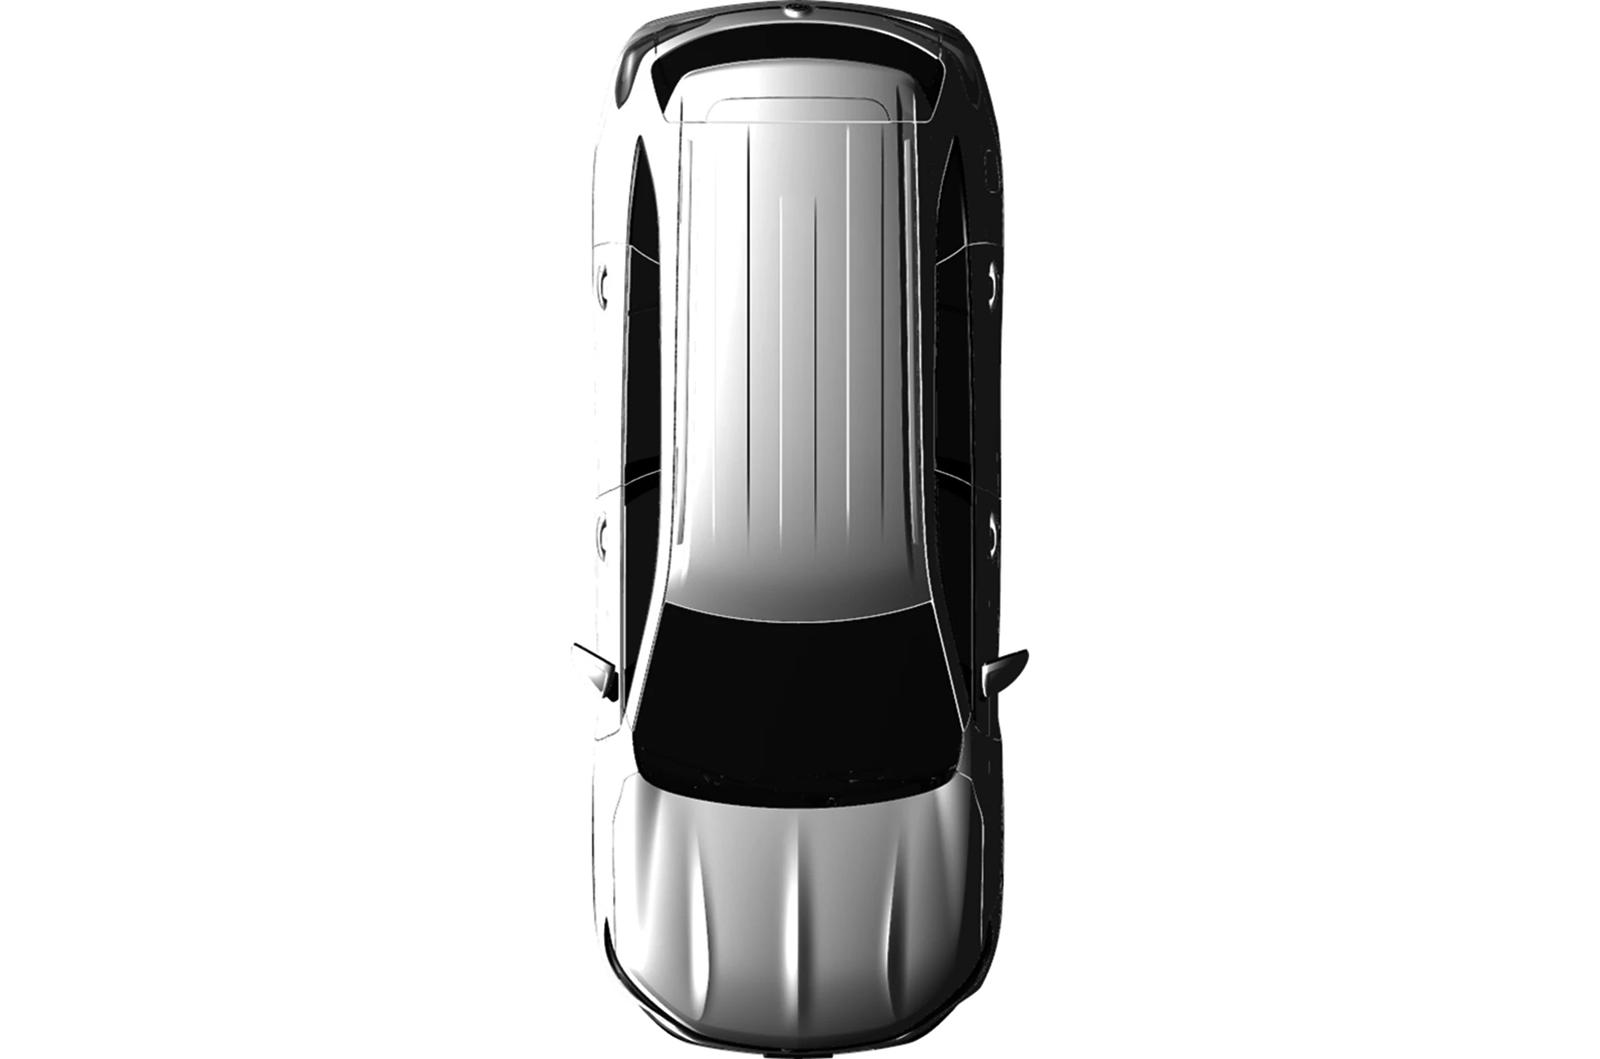 Смутное тизер-изображение подчеркивает более длинную колесную базу внедорожника, но просочившиеся патентные изображения дают нам представление о том, чего ожидать от дизайна.